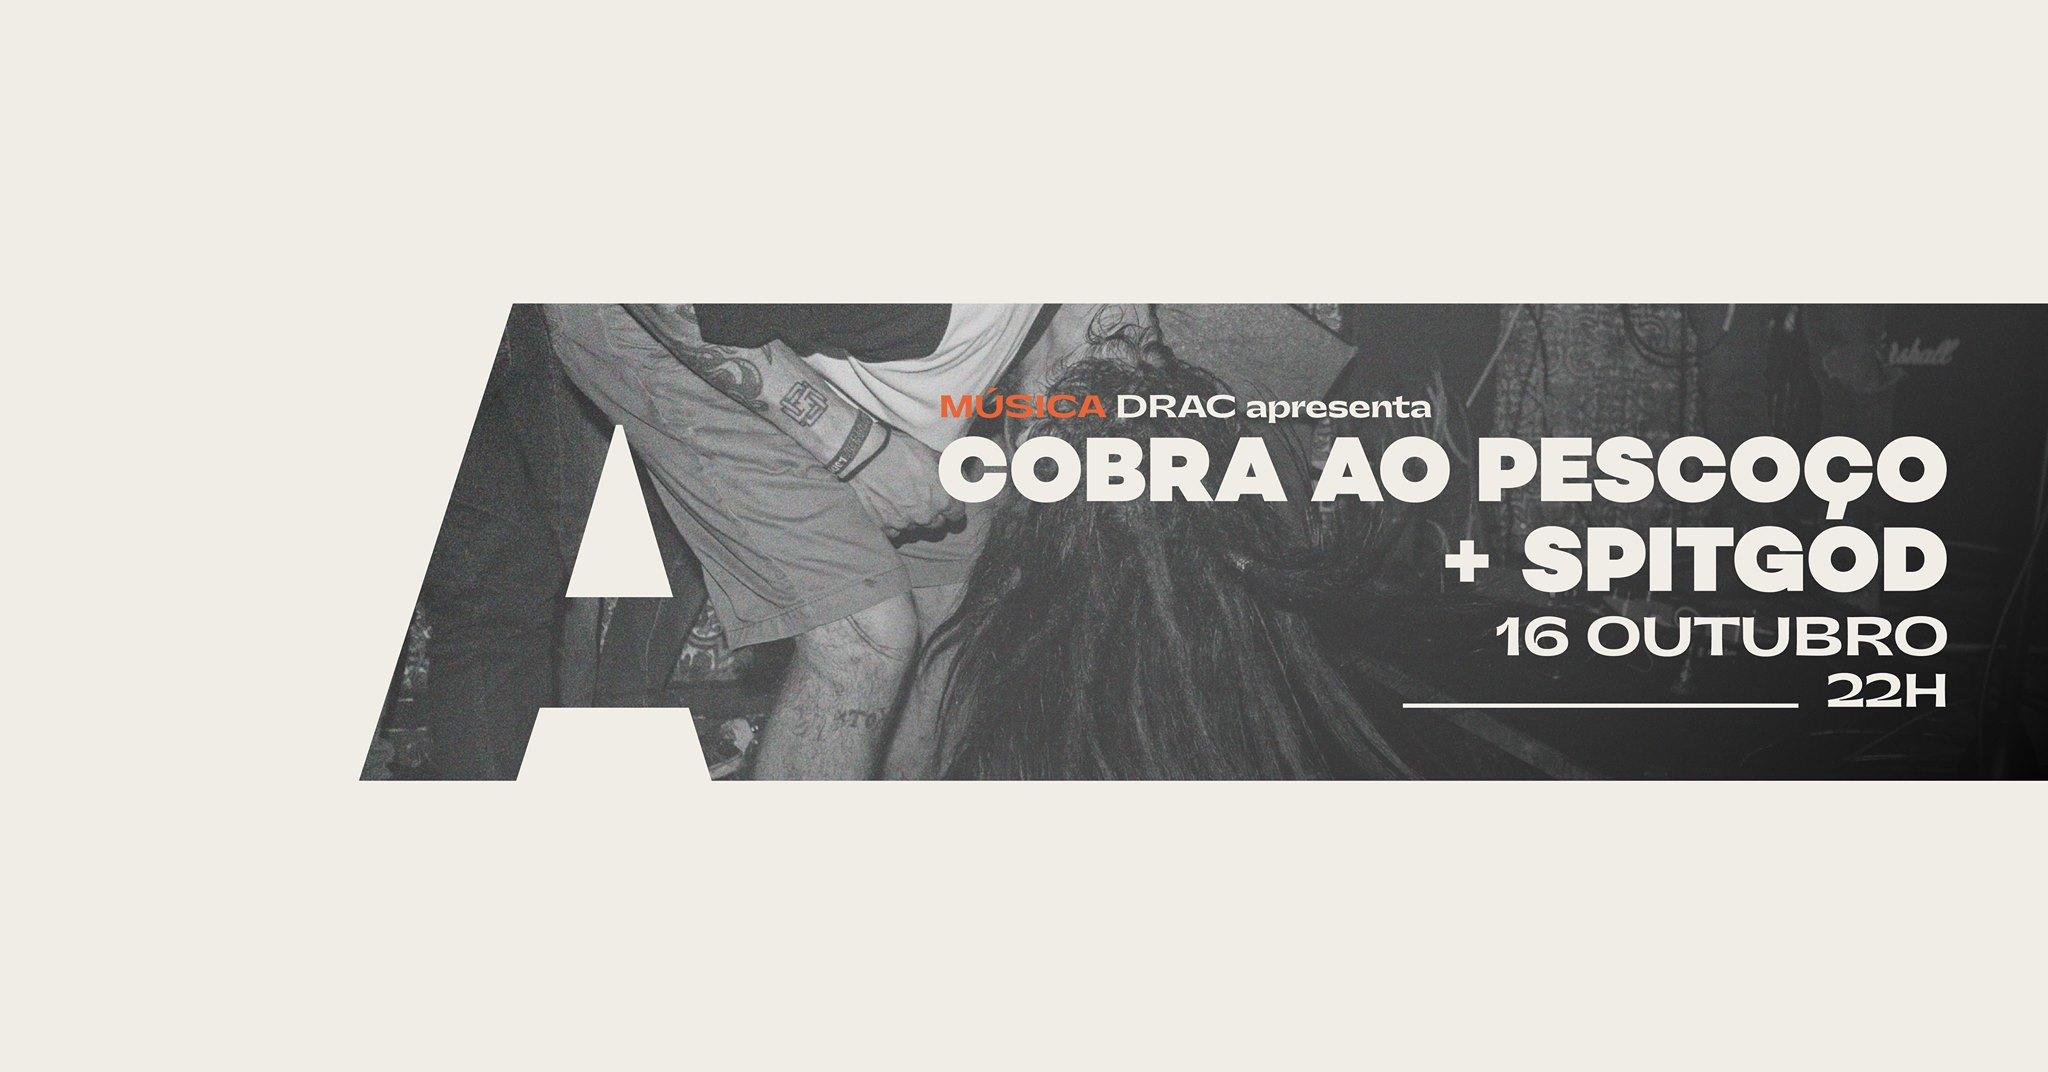 DRAC apresenta Cobra ao Pescoço + SPITGOD